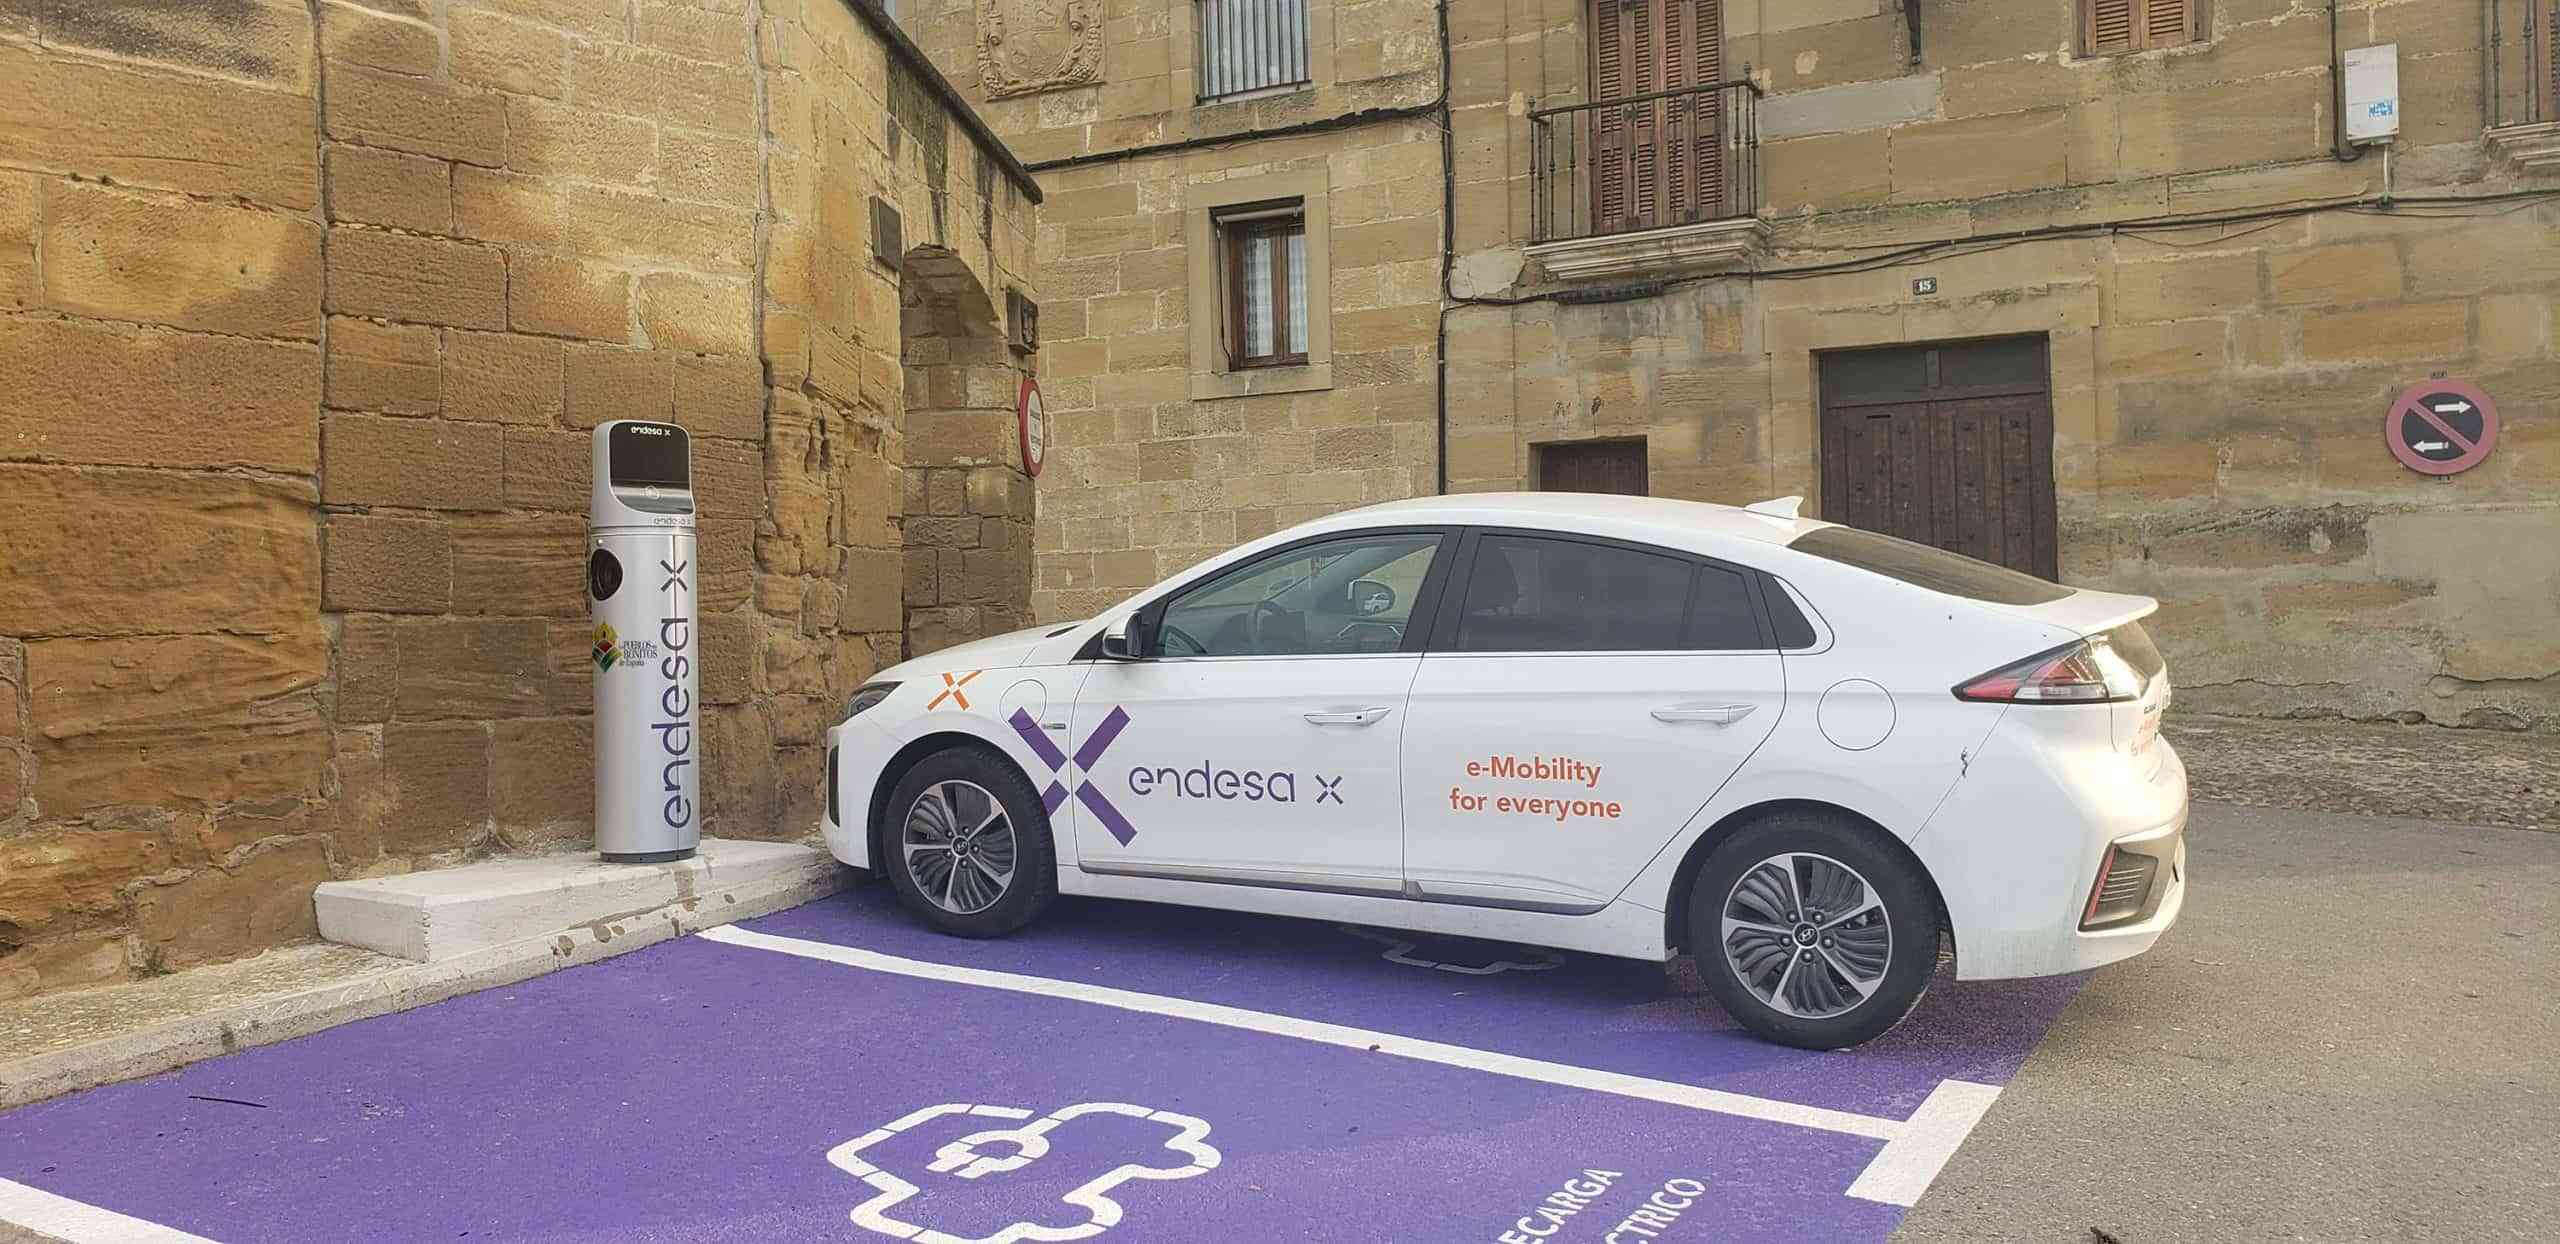 Endesa X instala cargadores de vehículos eléctricos en los pueblos más bonitos de España 10